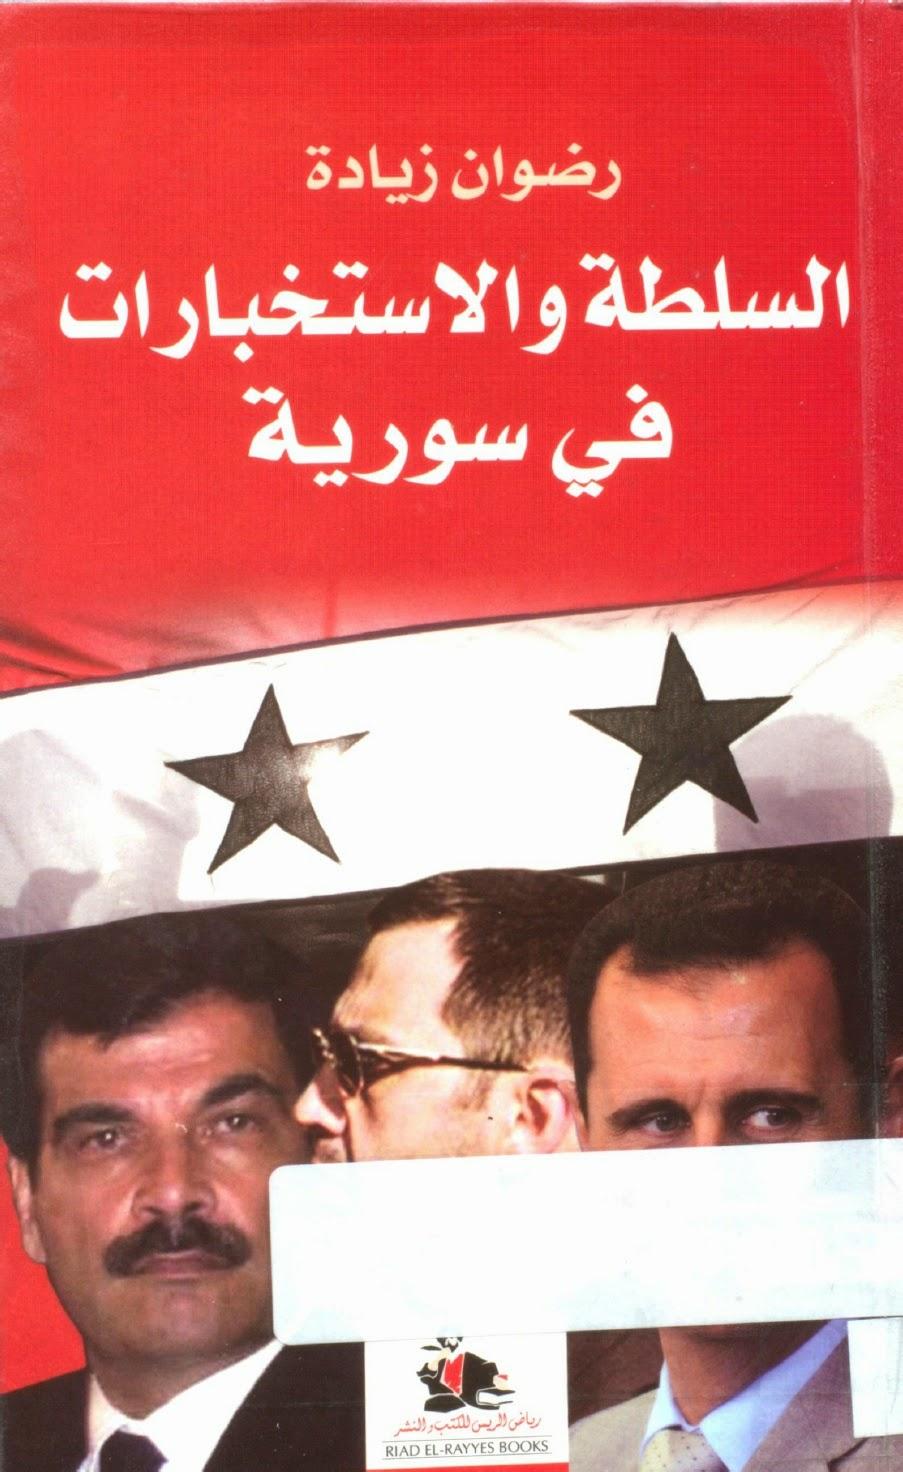 السلطة والاستخبارات في سوريا لـ رضوان زيادة